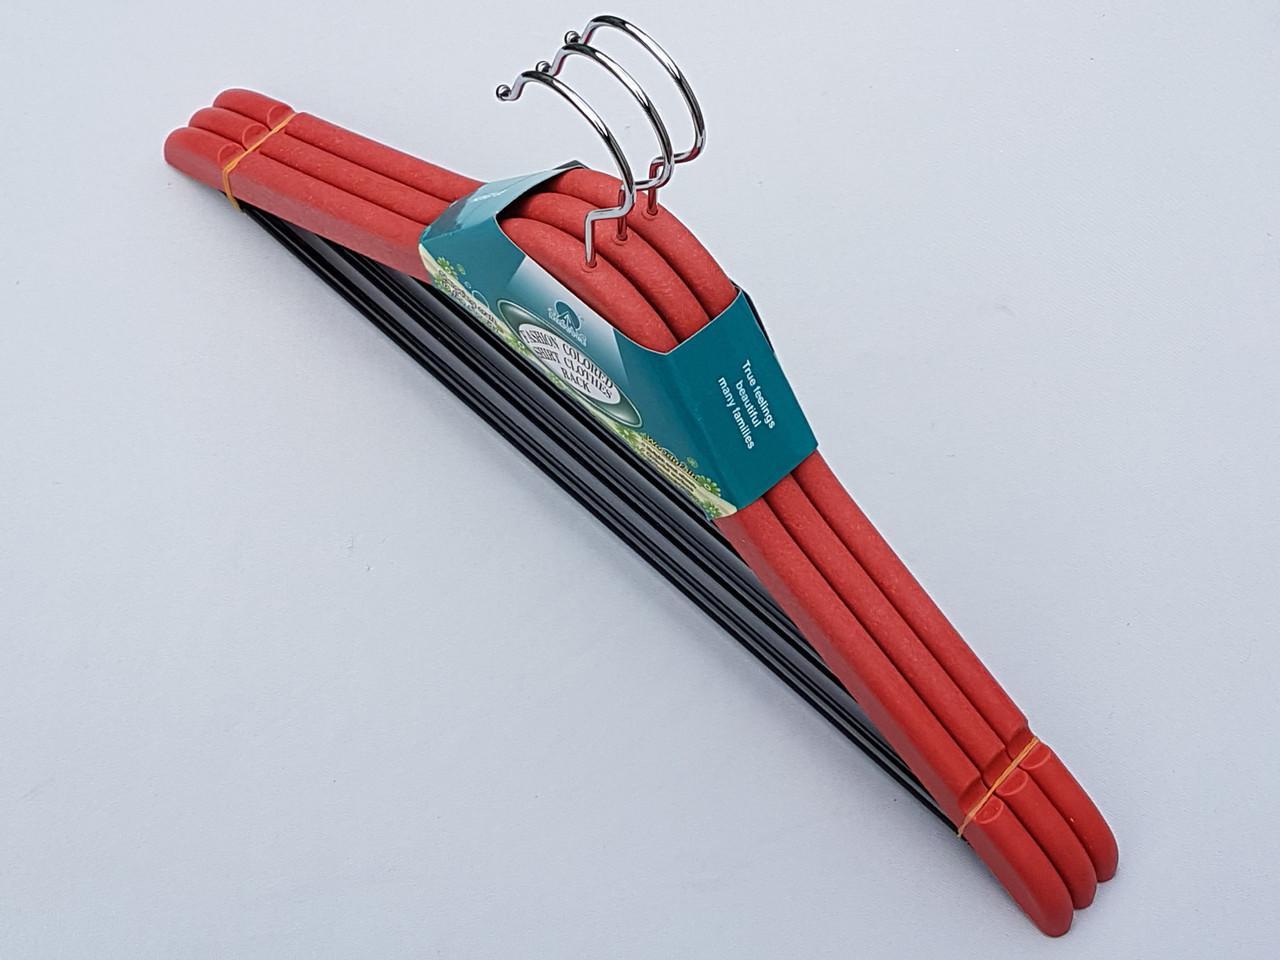 Плечики вешалки тремпеля мощный пластик красного цвета, длина 44 см, в упаковке 3 штуки